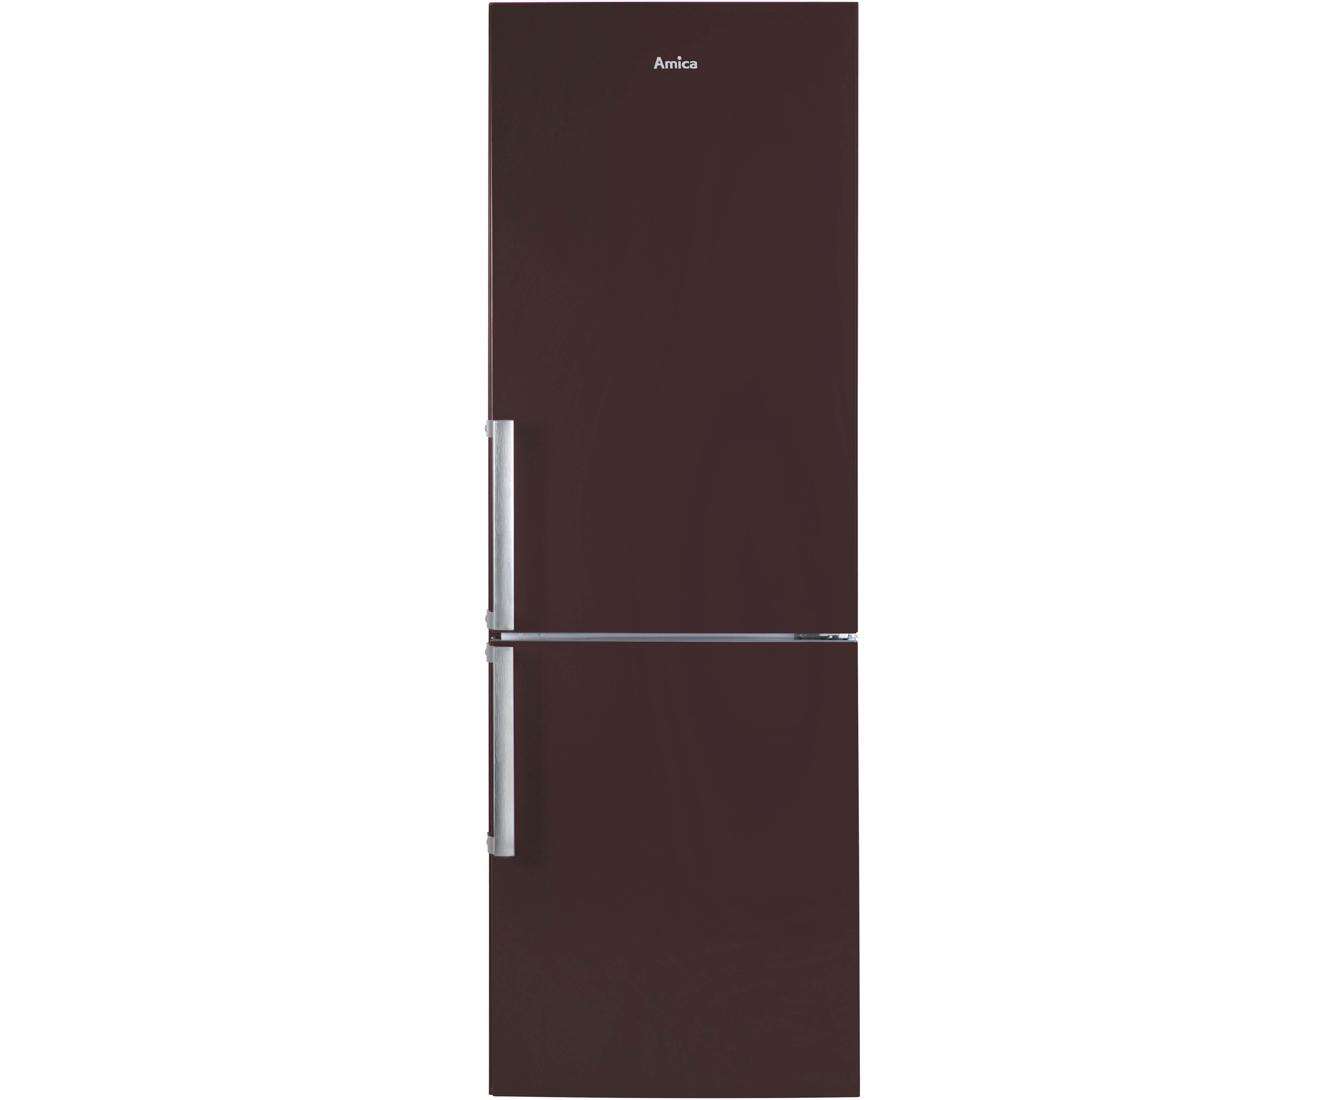 Amica Kühlschrank Hellblau : Amica kgc br kühl gefrierkombination er breite braun a